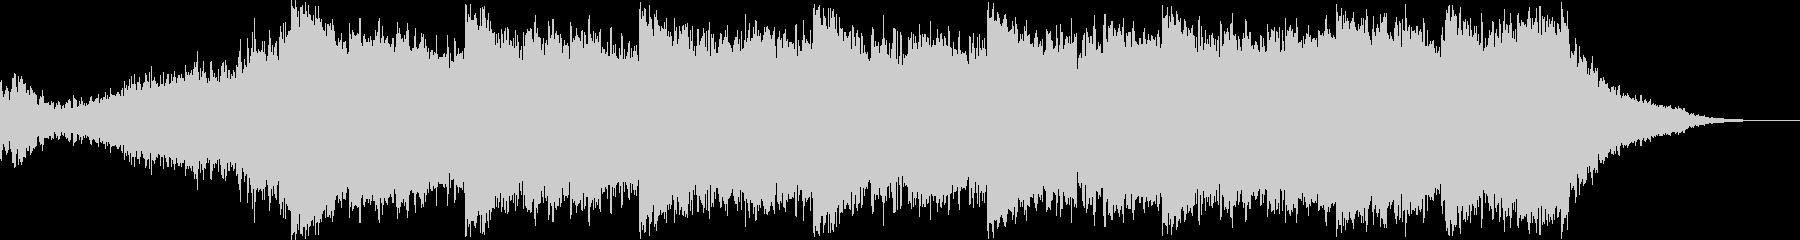 シンセパッドと環境音とベースの旋律の未再生の波形